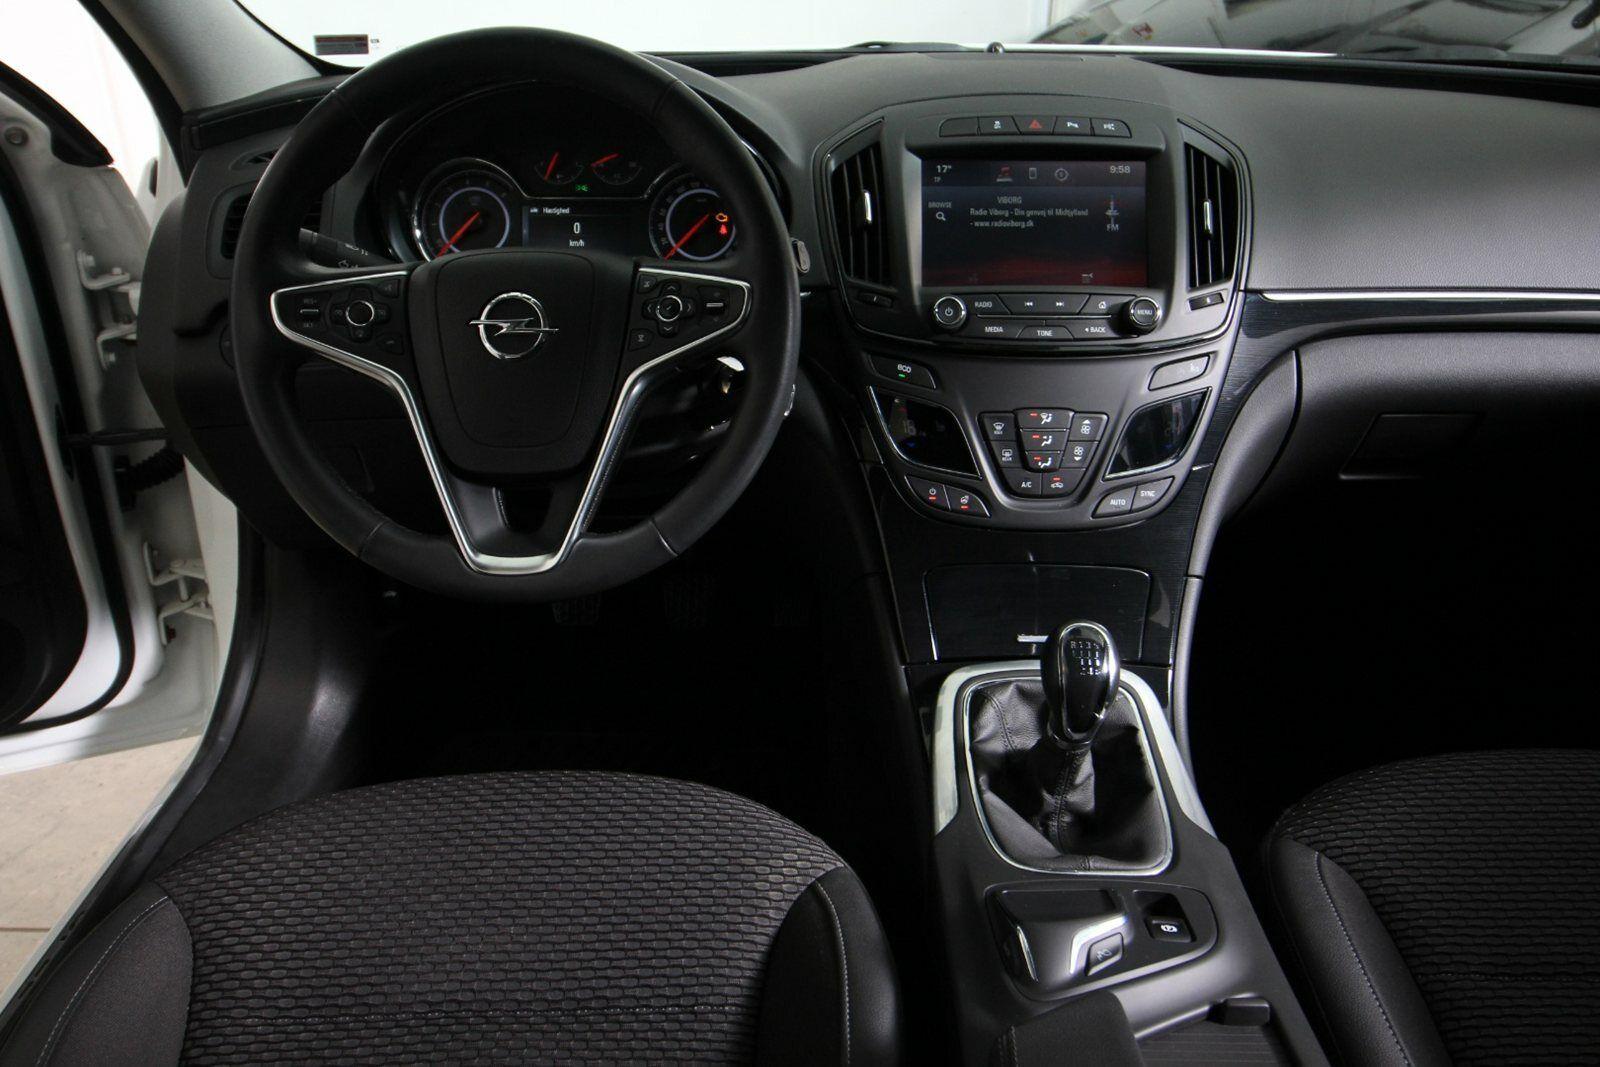 Opel Insignia CDTi 163 Cosmo ST eco